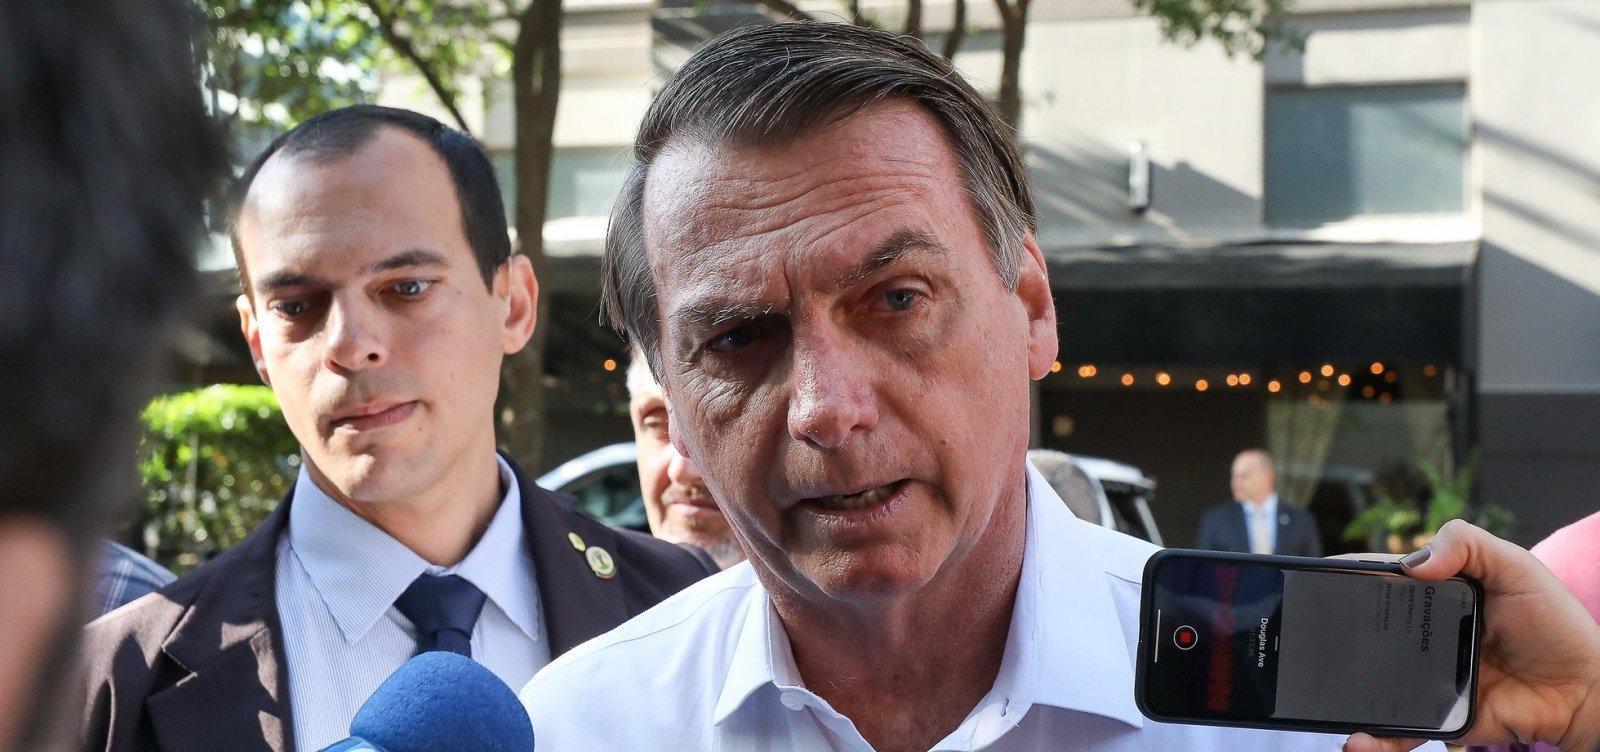 Bolsonaro critica investigação sobre filho: 'Venham pra cima, não vão me pegar'